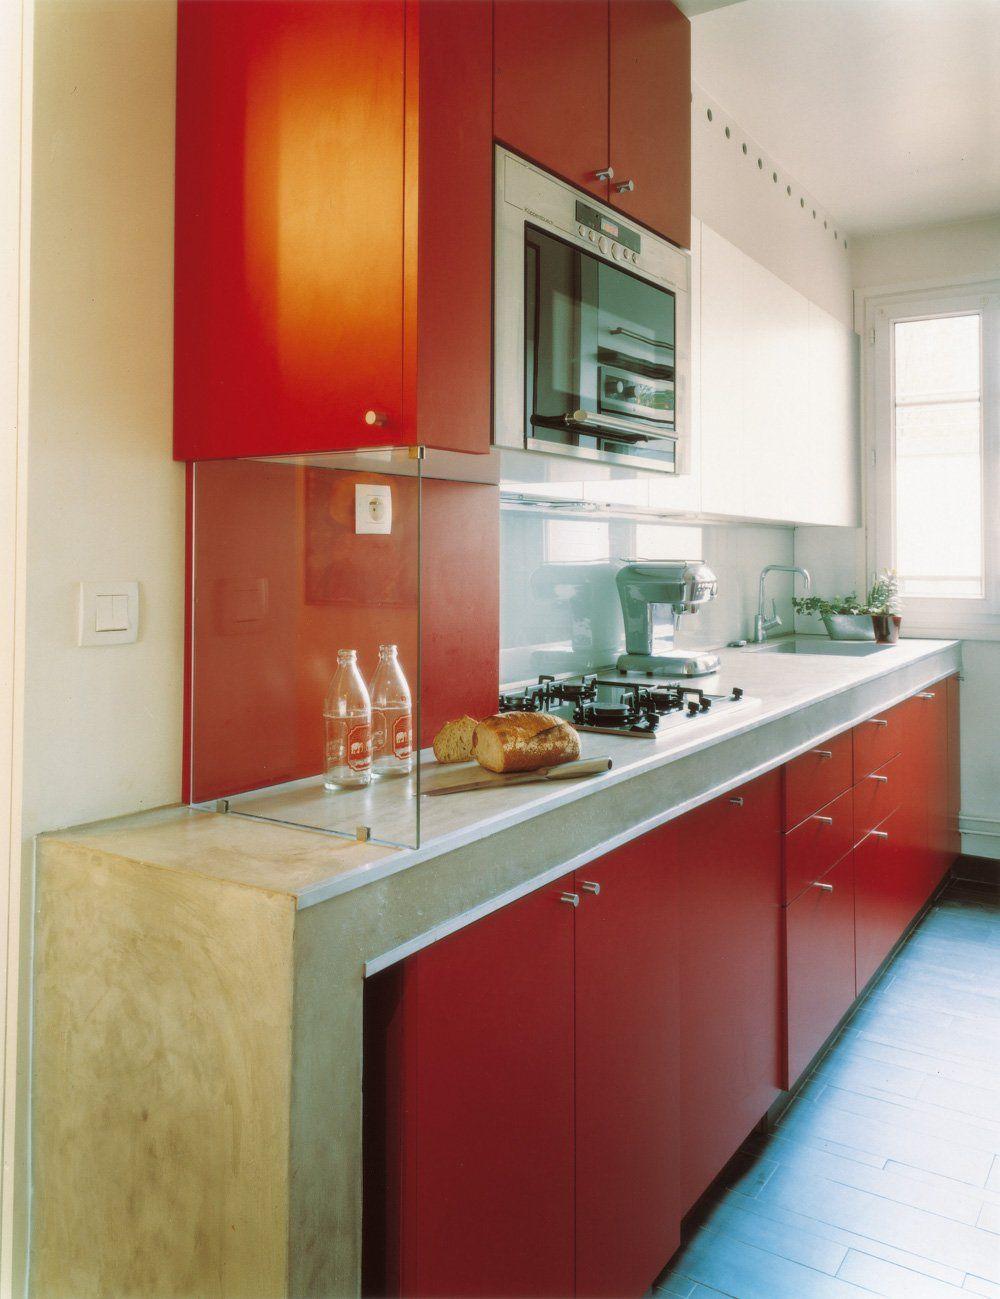 Comment choisir son plan de travail de cuisine ad - Comment couper plan de travail cuisine ...